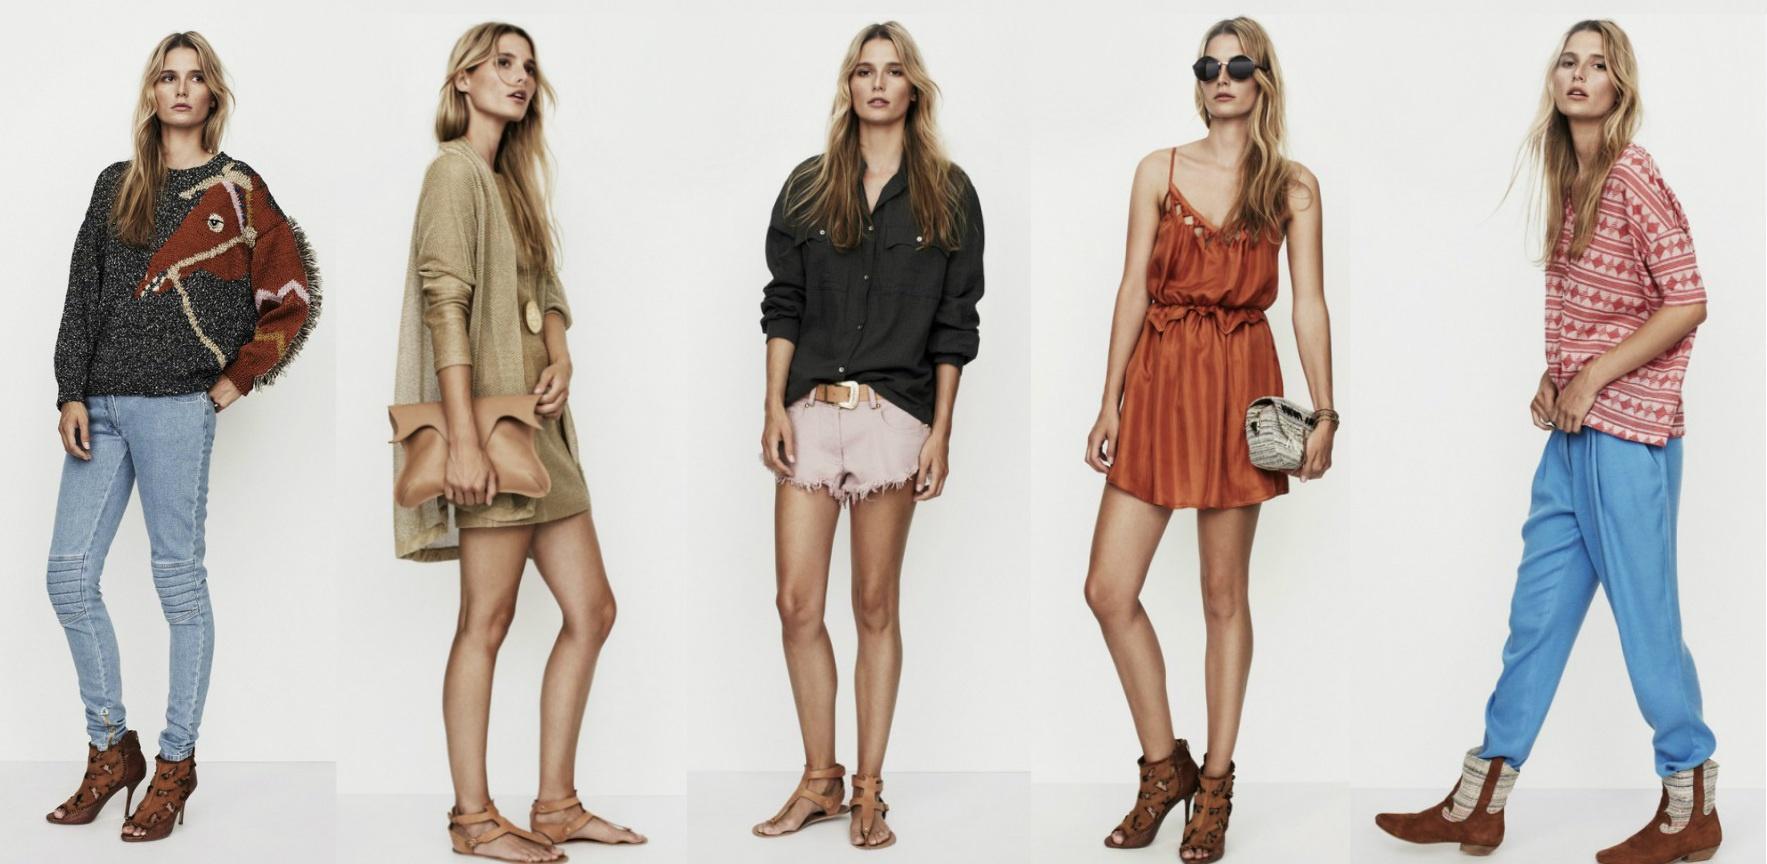 Как подобрать стиль одежды: нехитрые советы для дам